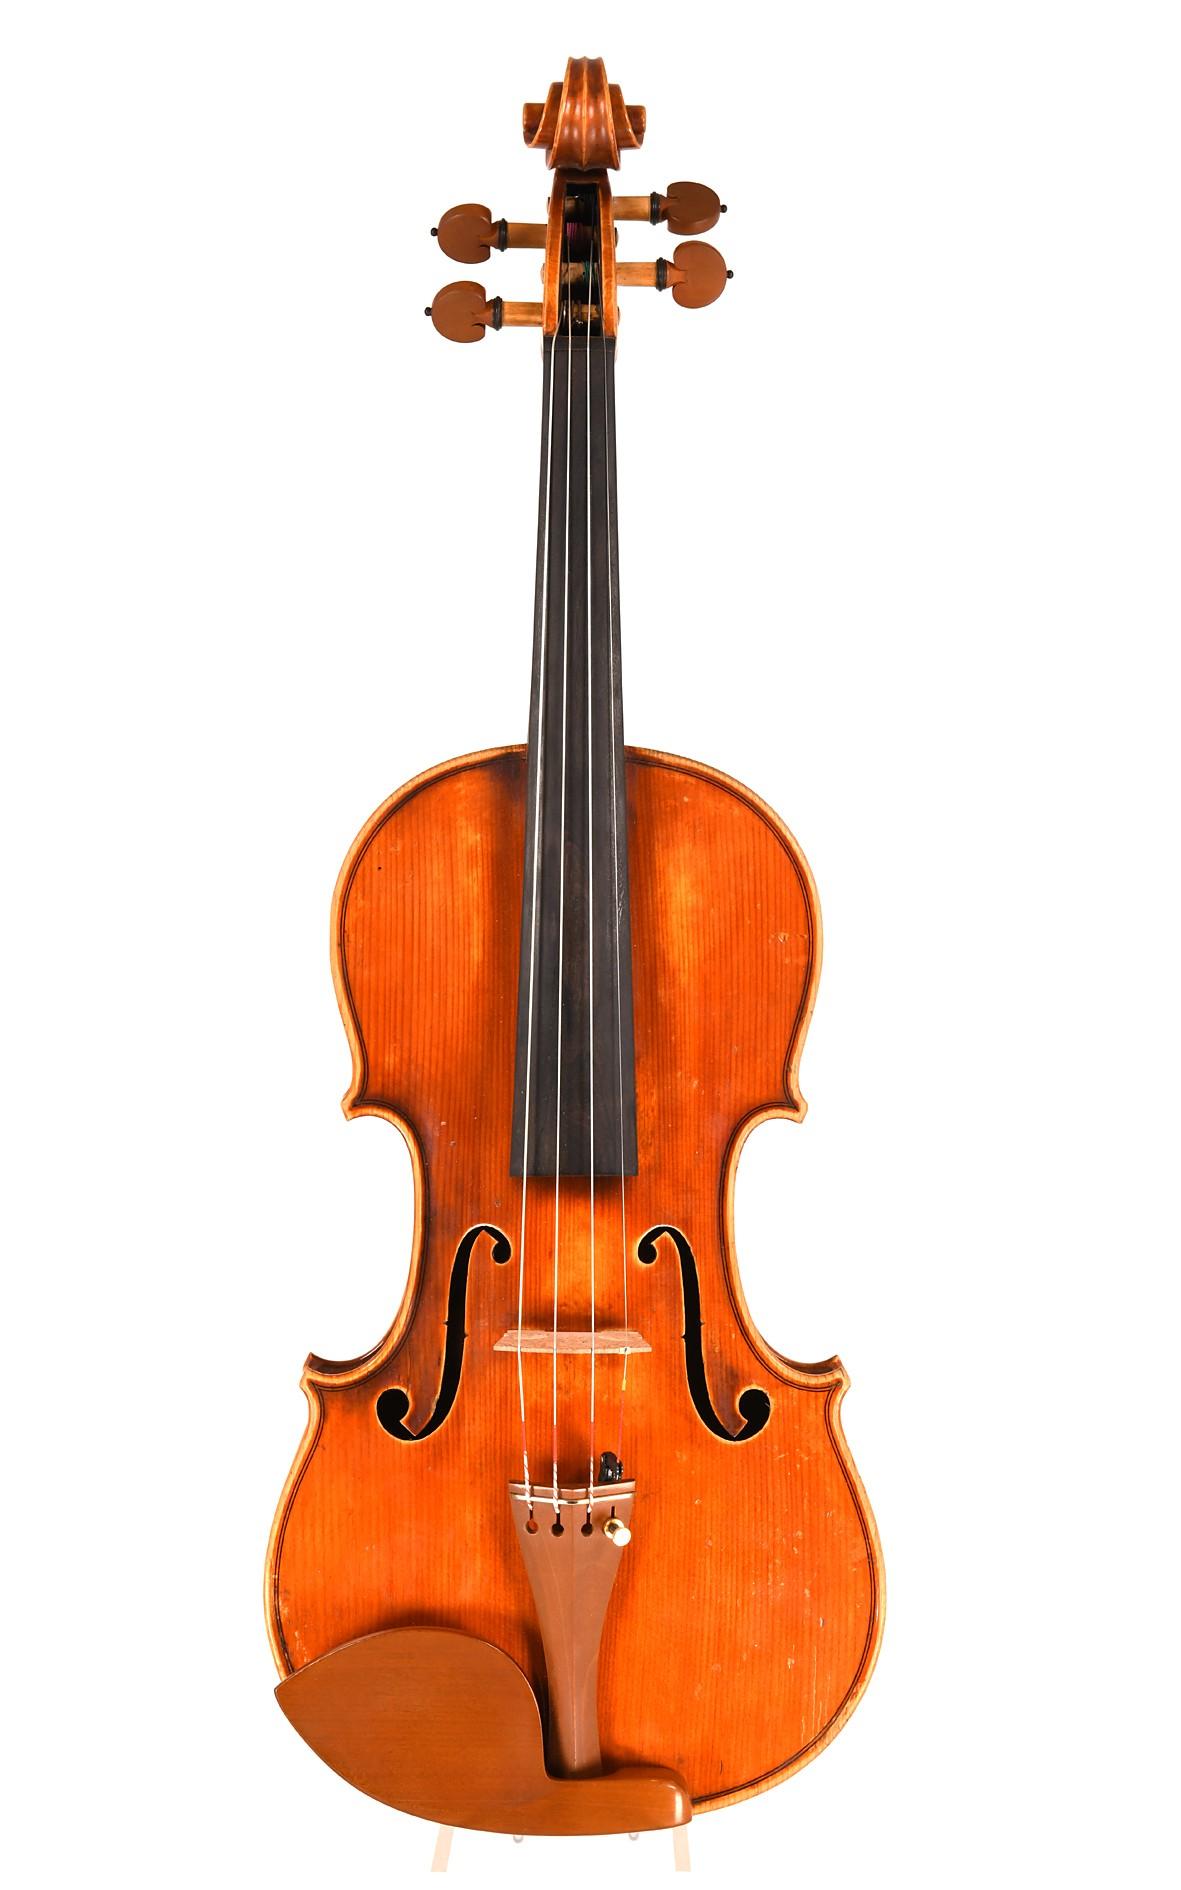 Interessante Violine von Alajos Werner, Budapest 1910 - Decke